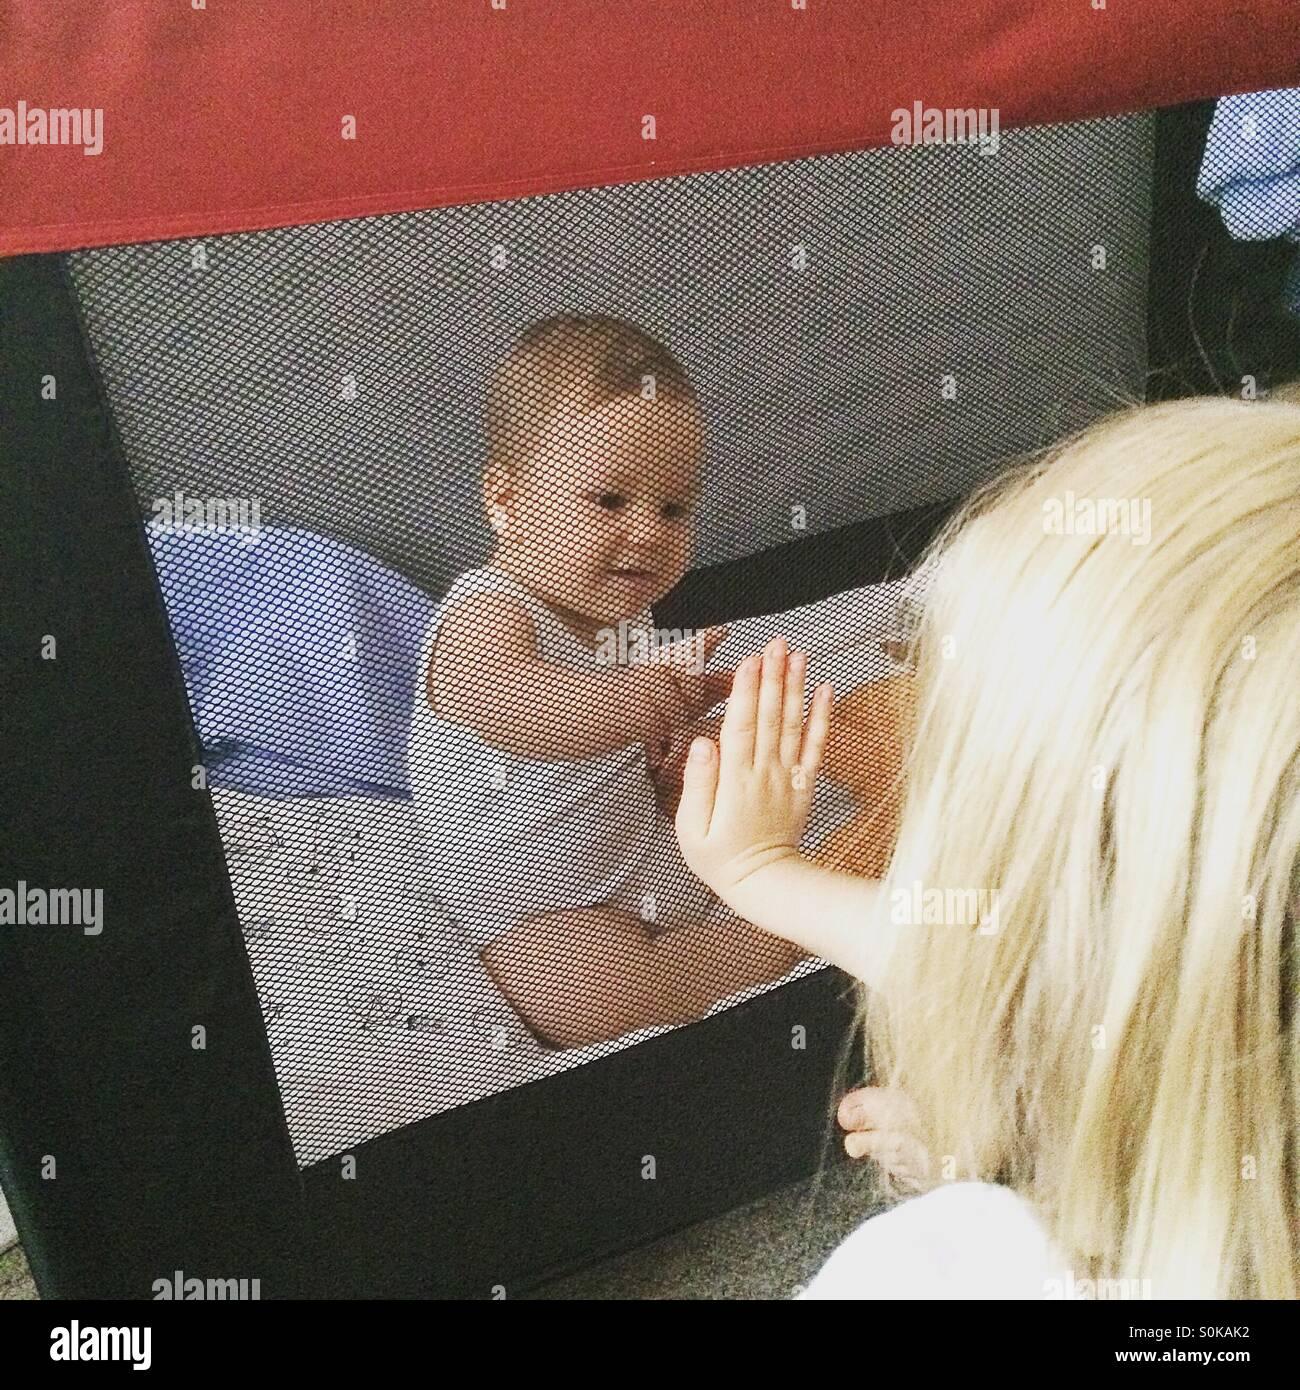 Deux frères jouent ensemble et se touchant les mains à travers le filet de la huche de portable Photo Stock